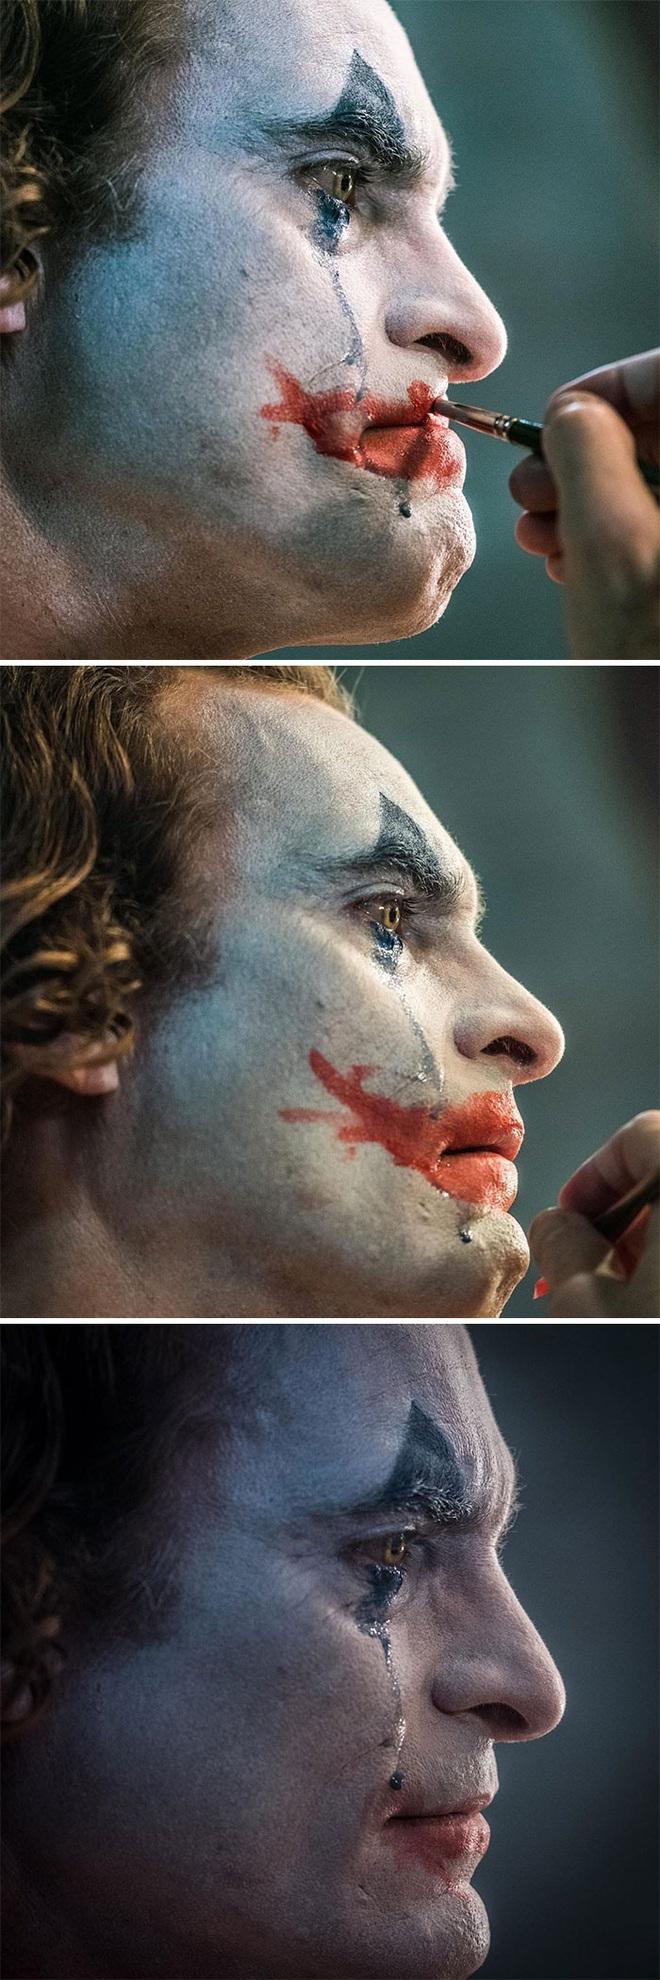 [Chùm ảnh] 27 bí mật không phải fan nào cũng biết đằng sau thành công rực rỡ của Joker - Ảnh 16.